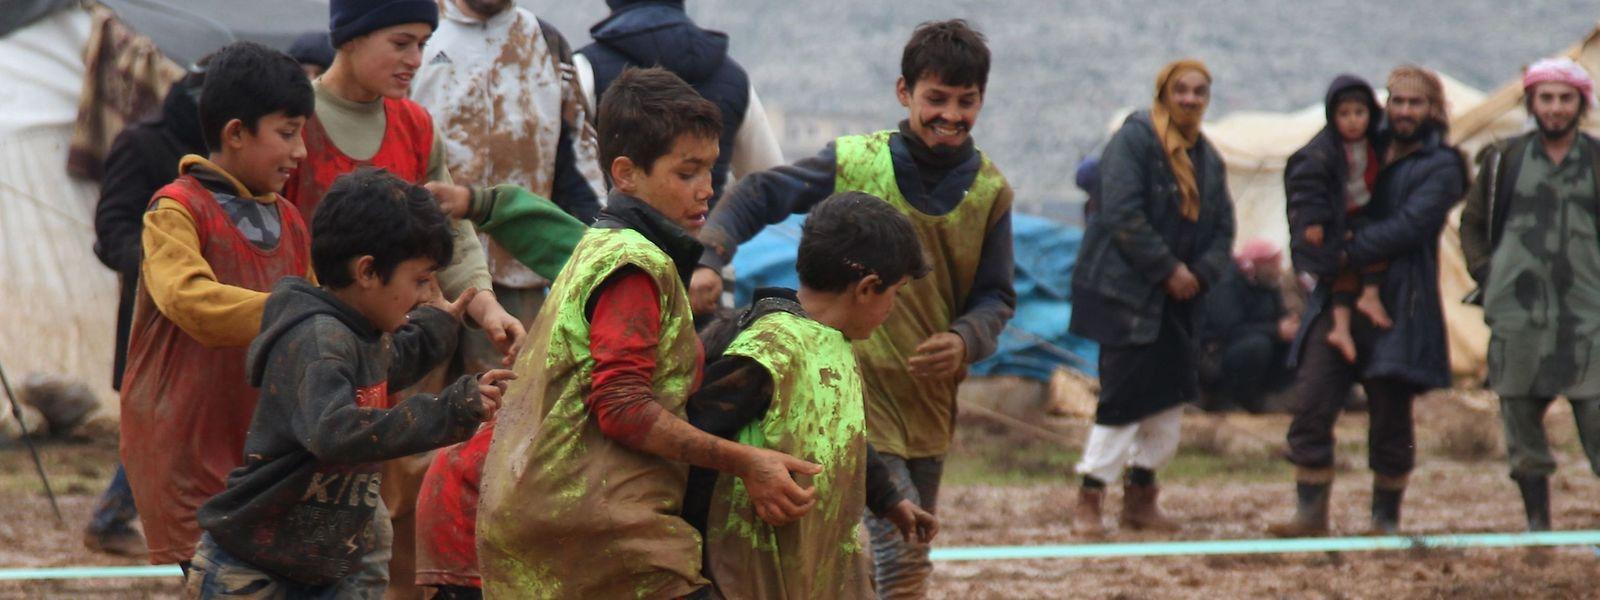 Syrische Kinder beim Fußballspiel.